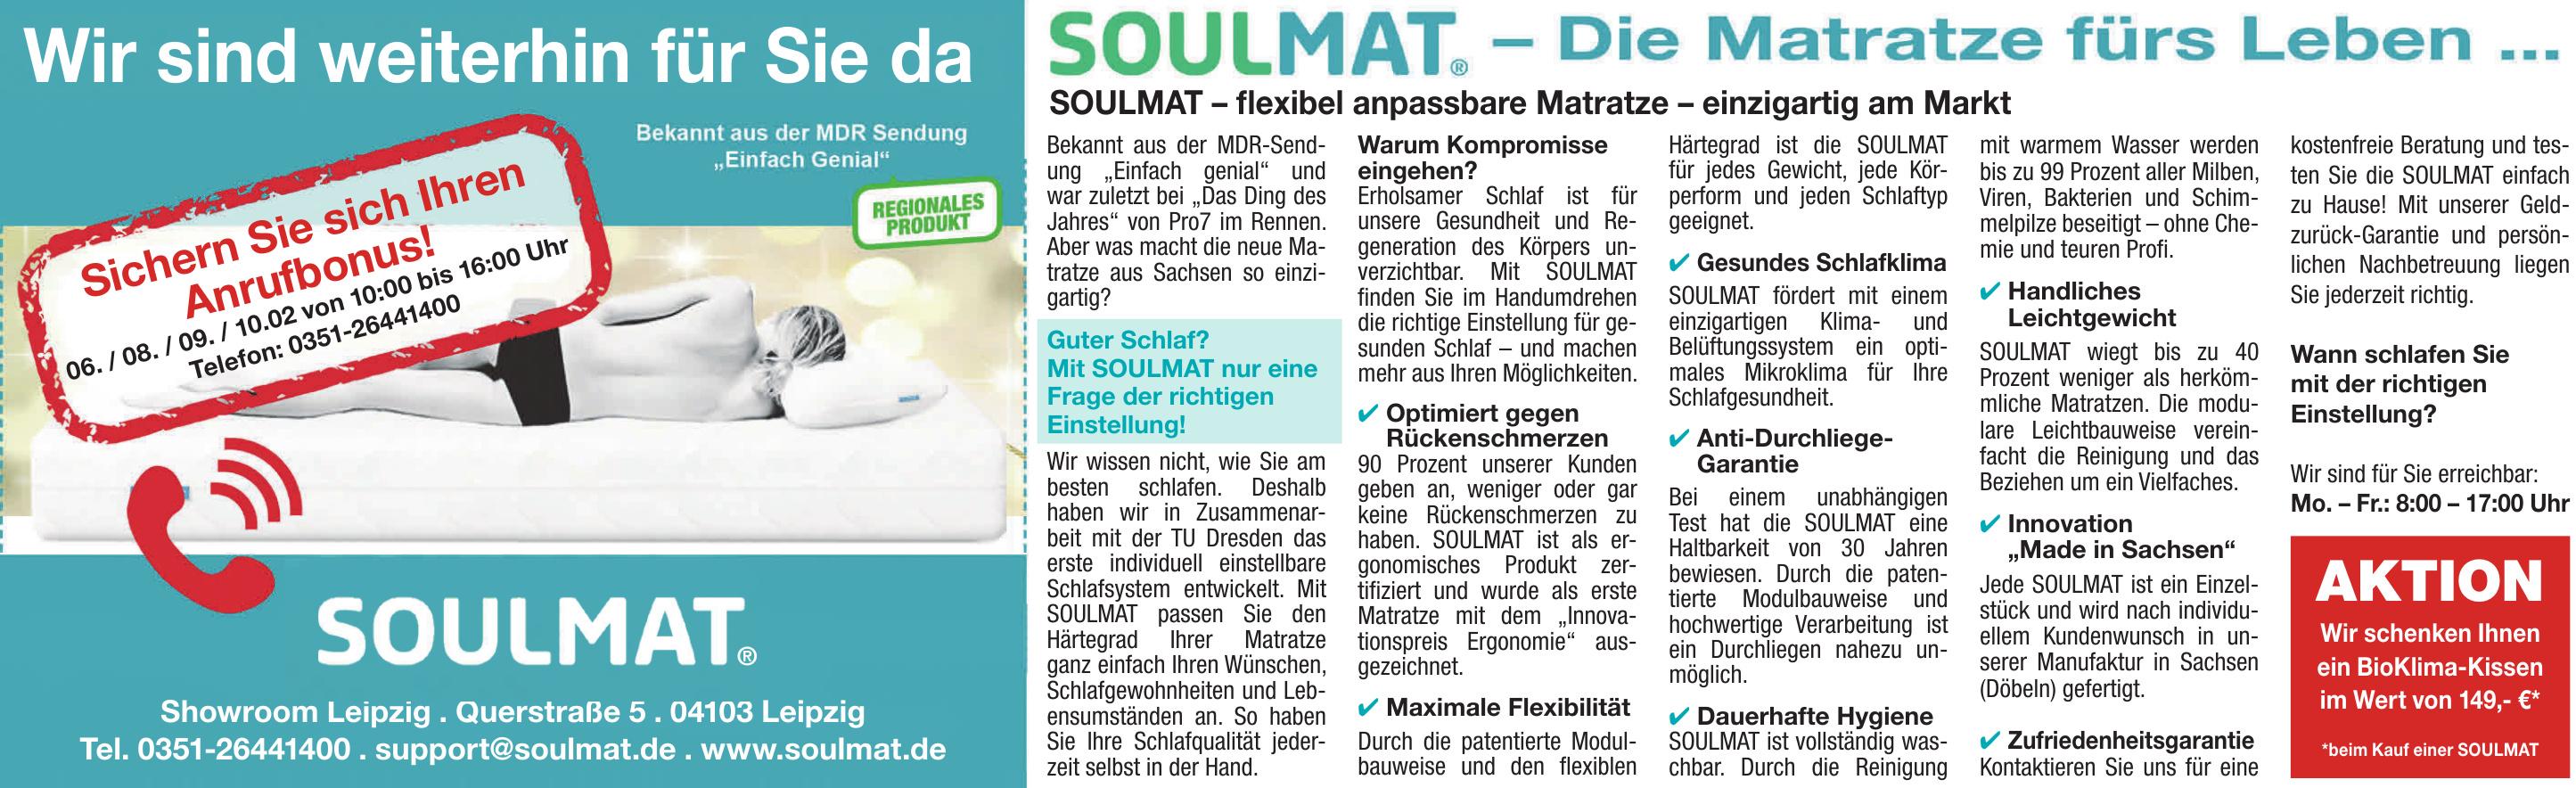 Soulmat - Showroom Leipzig